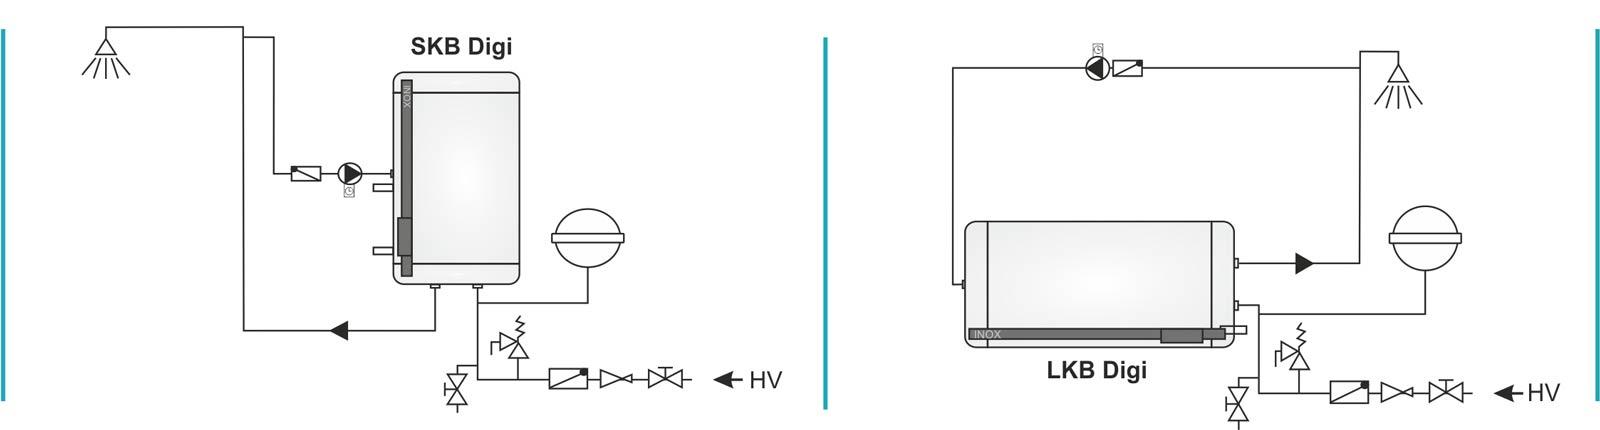 Strange Skb Digi 80 120 Lit And Lkb Digi 100 120 Lit Centrometal Wiring 101 Akebretraxxcnl